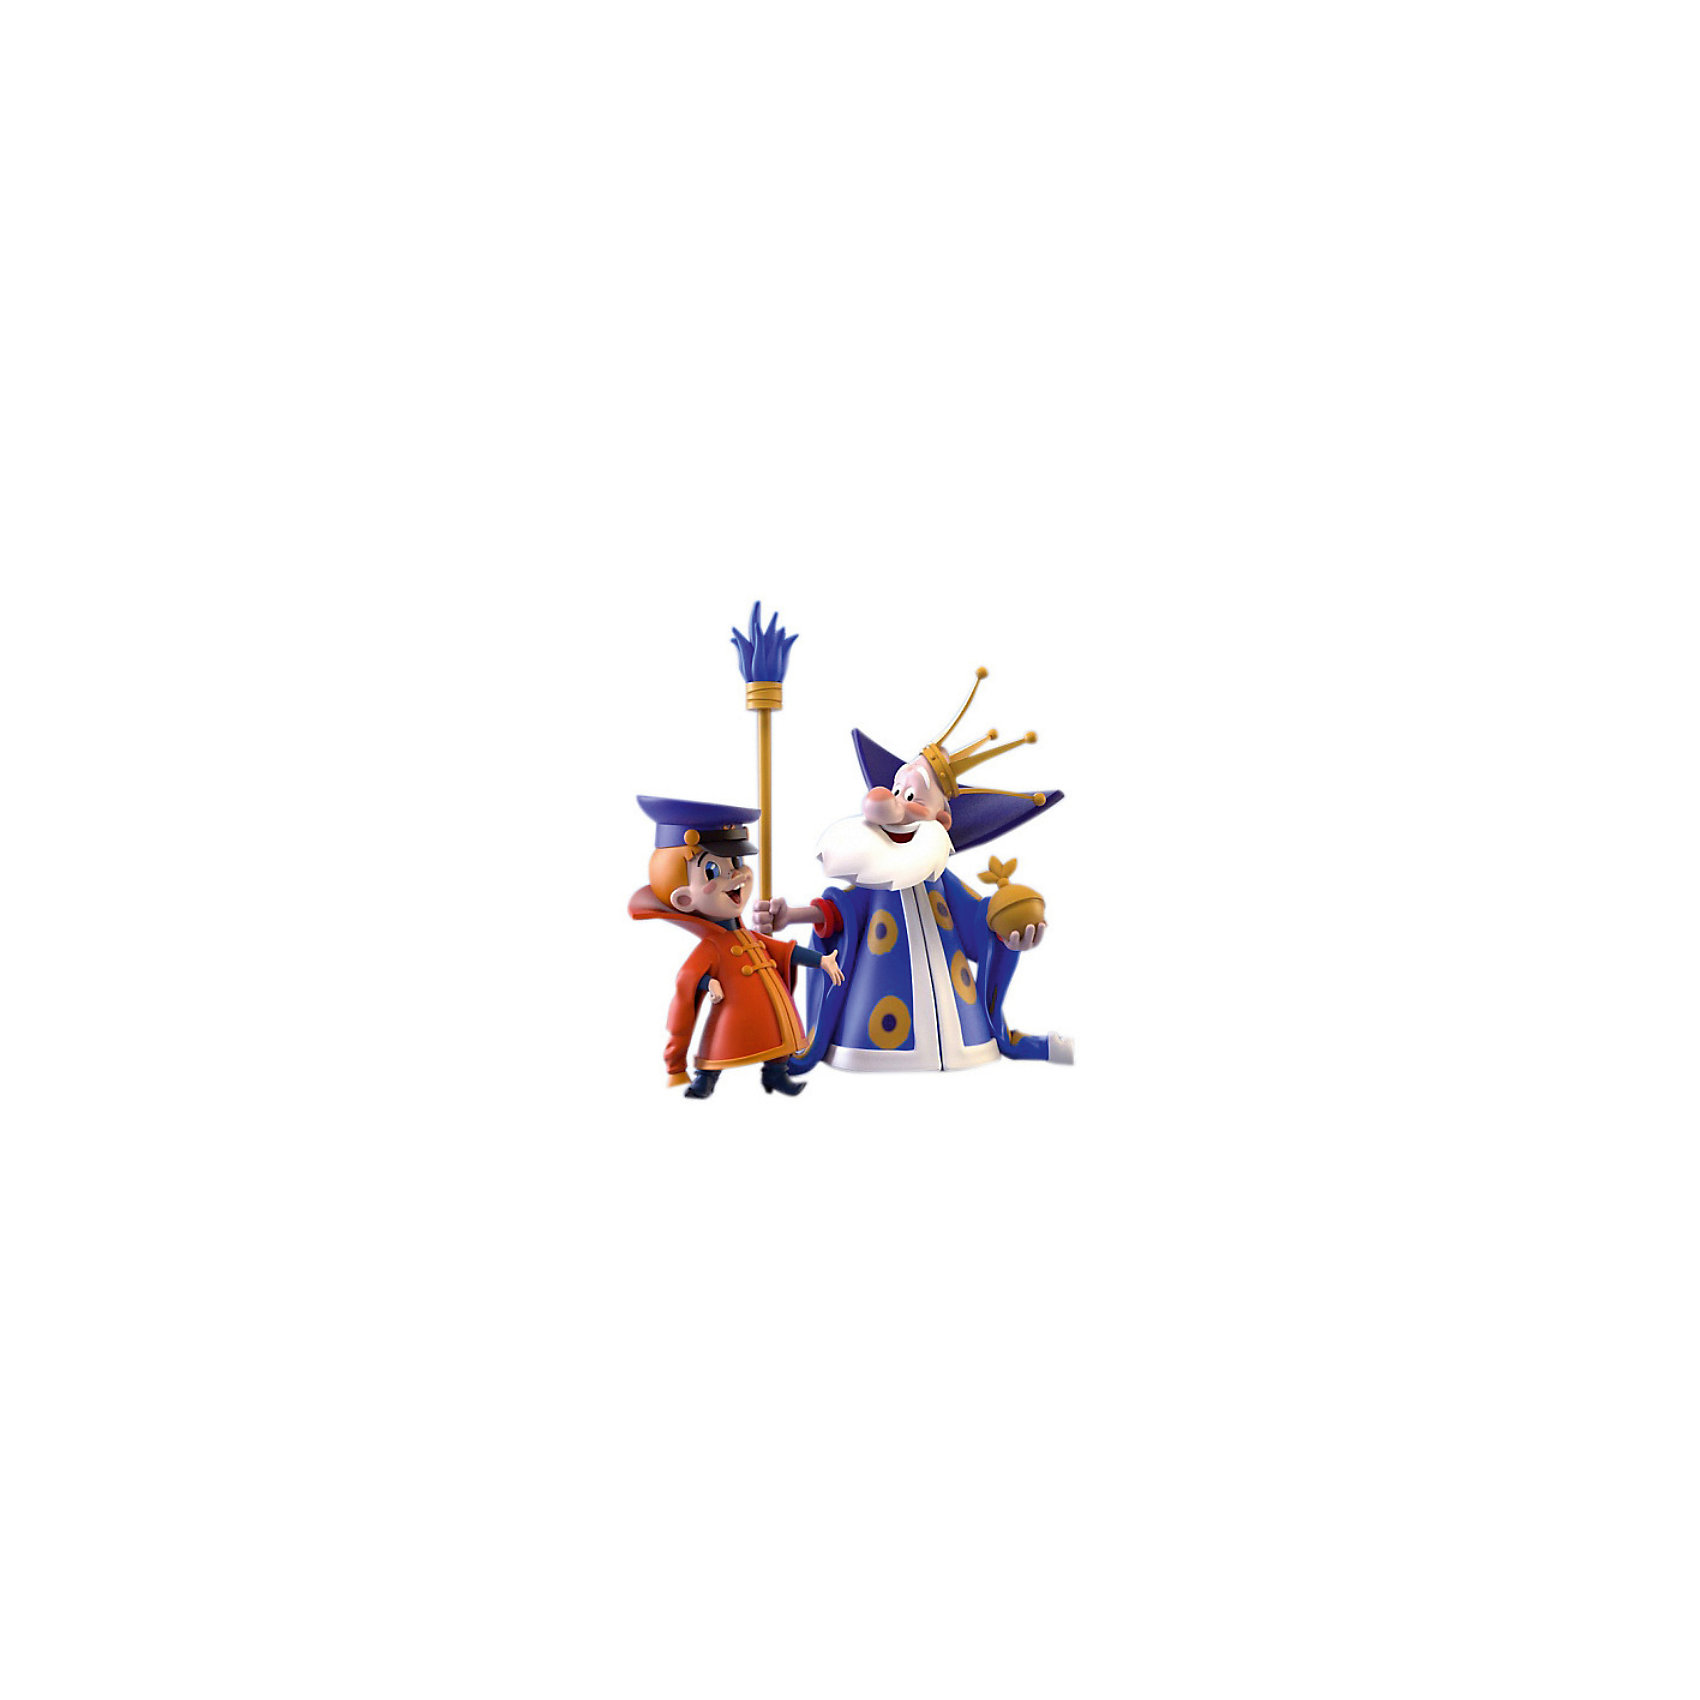 Prostotoys Набор фигурок Вовка и царь (м/ф Вовка в тридевятом царстве), Prostotoys настольная игра русский стиль вовка в тридевятом царстве 03844